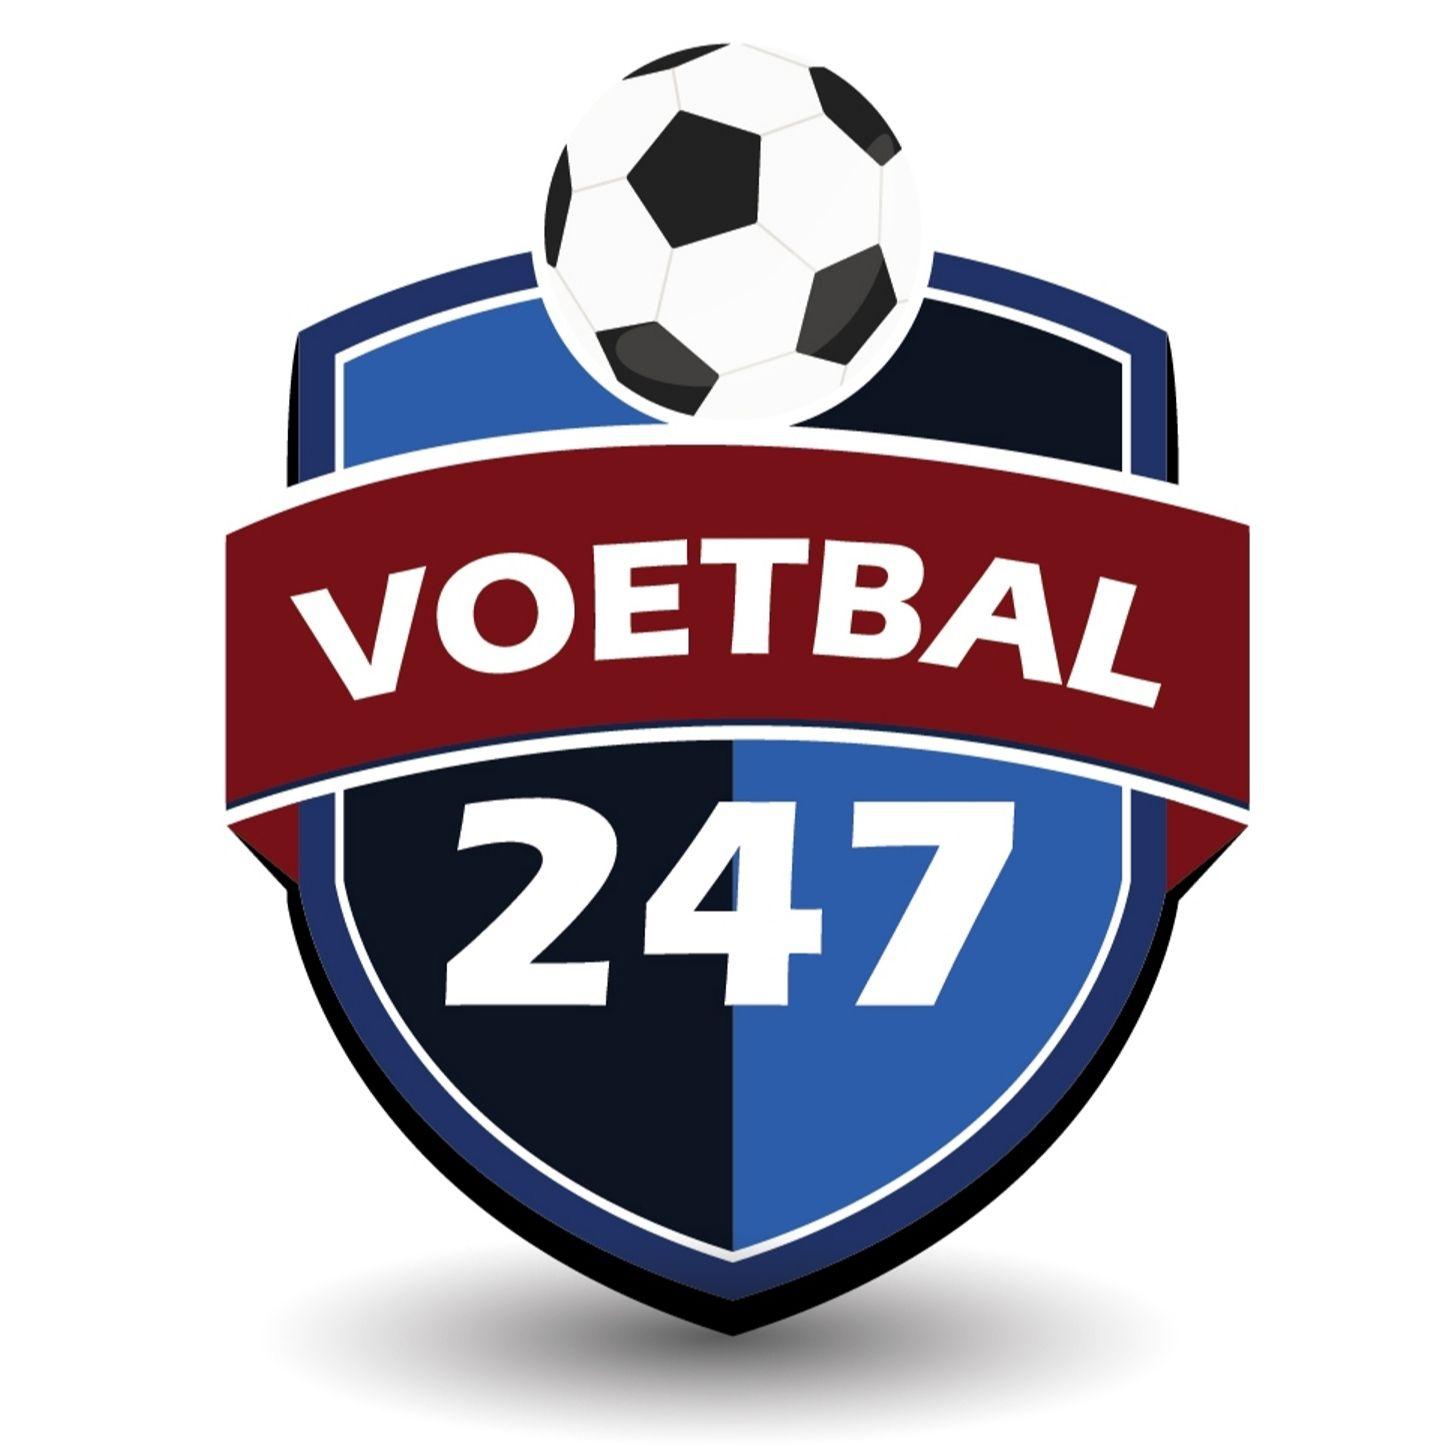 Voetbal247.nl logo